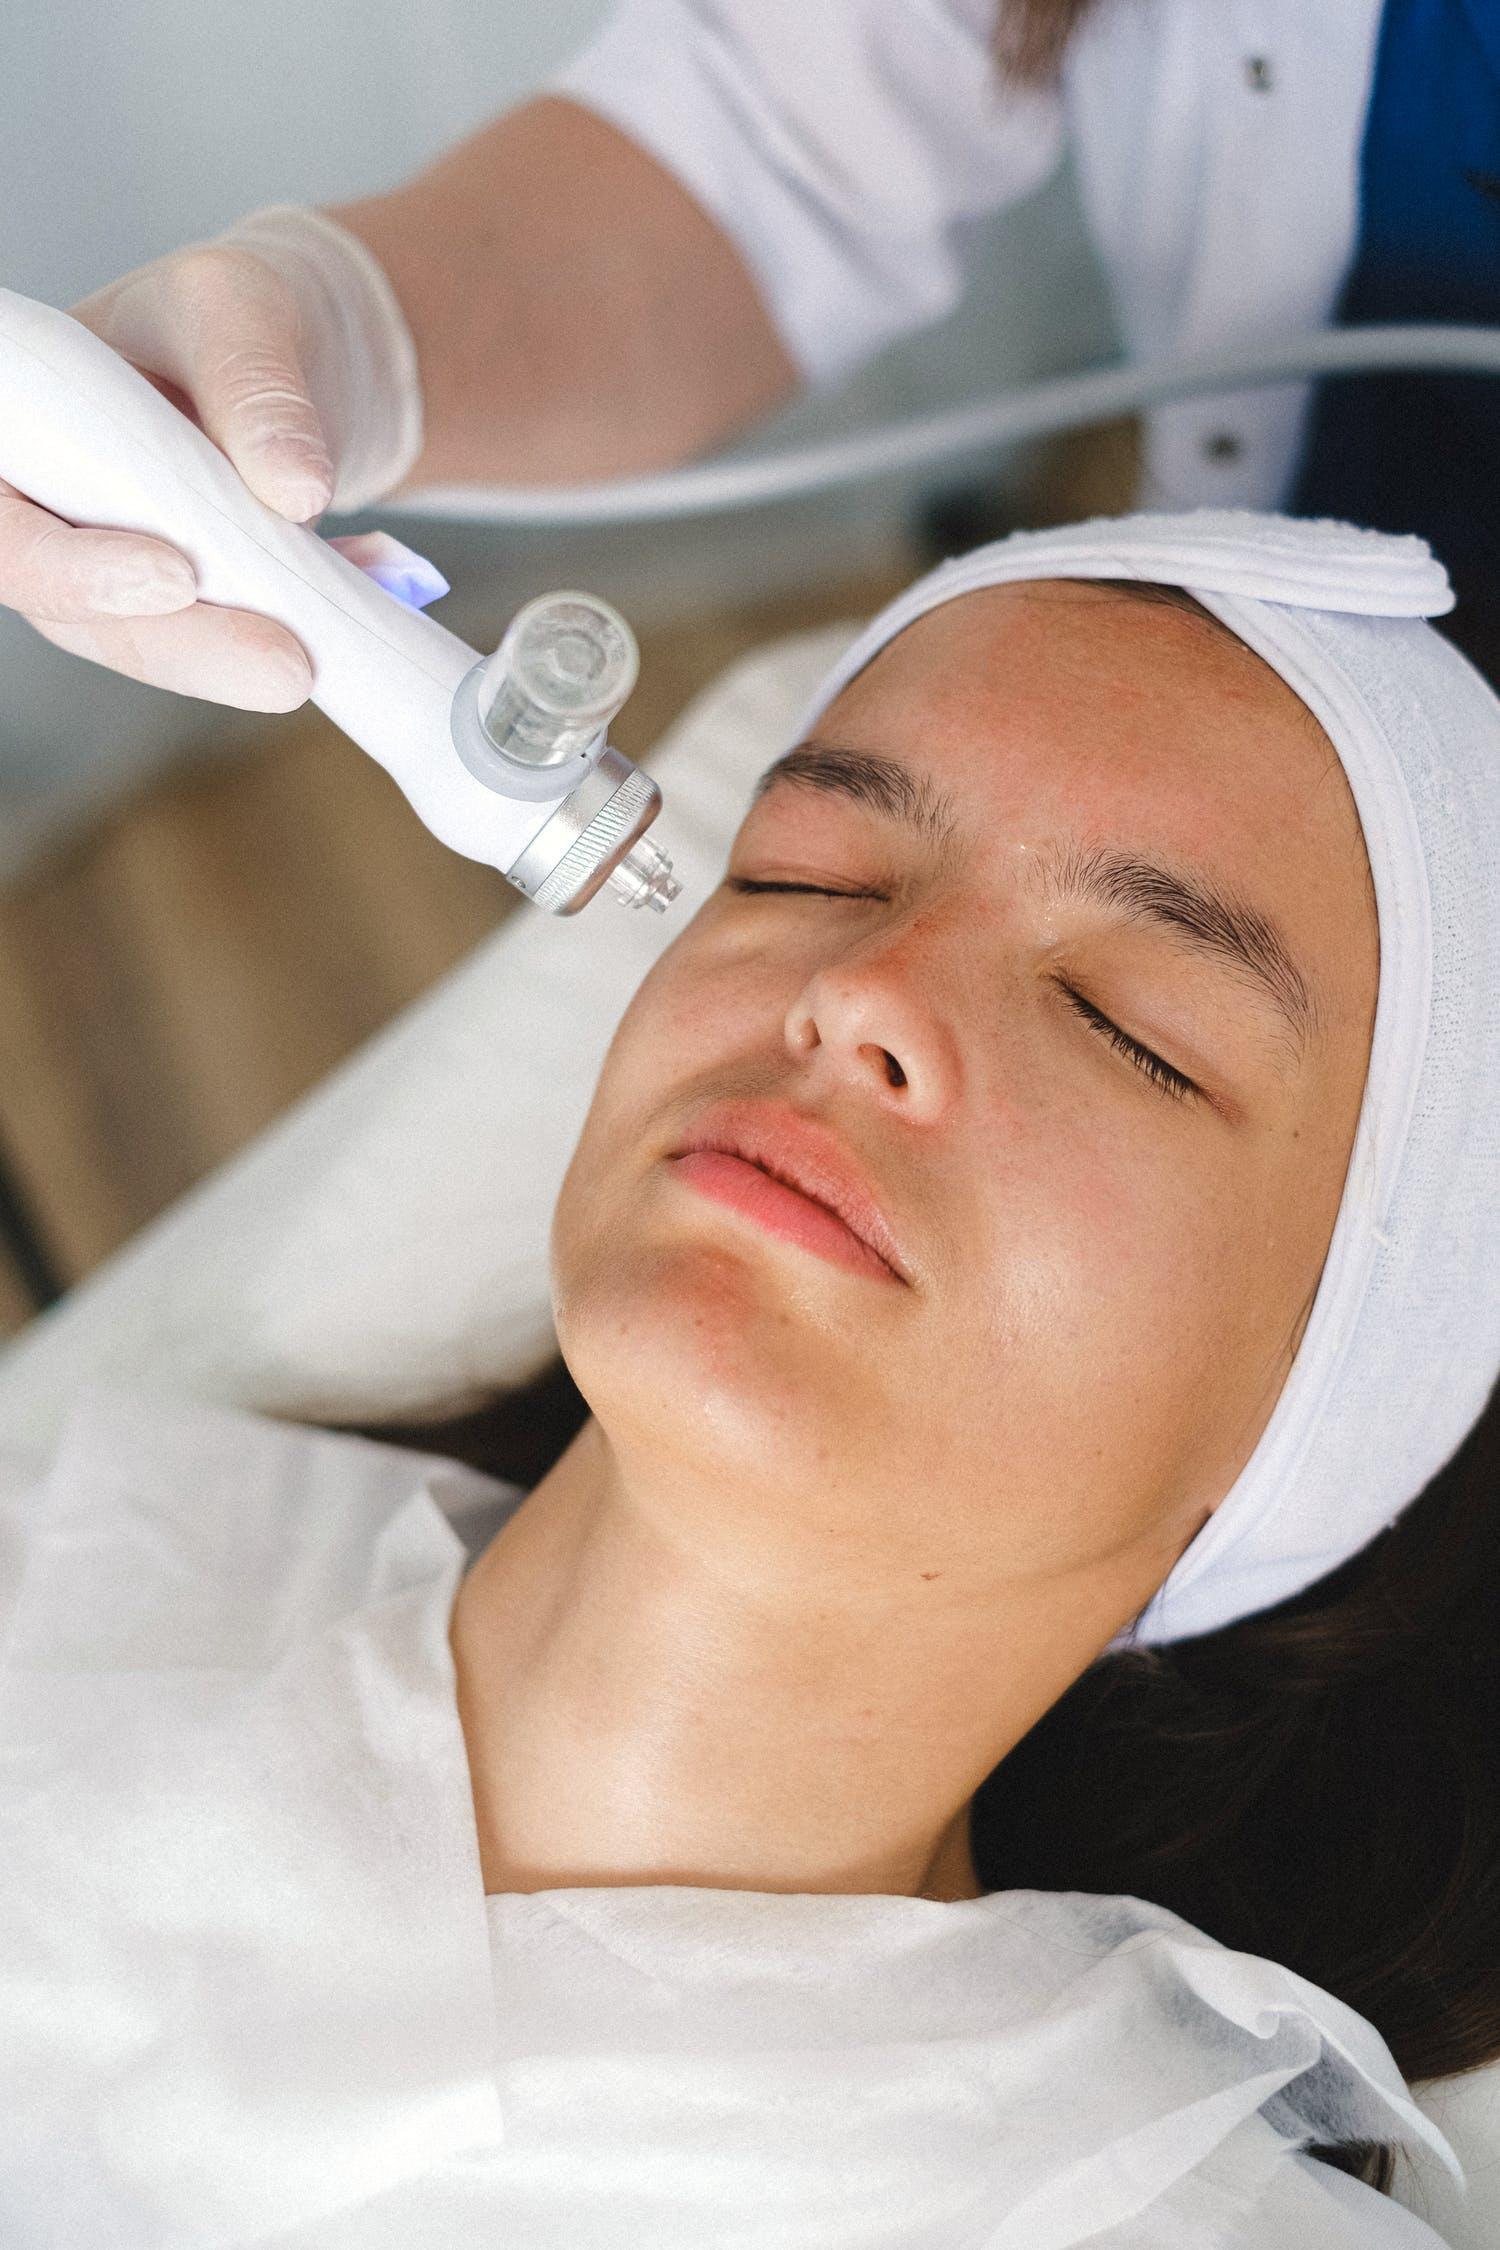 Лазерная эпиляция: эффект, общие показания, противопоказания, плюсы и минусы процедуры